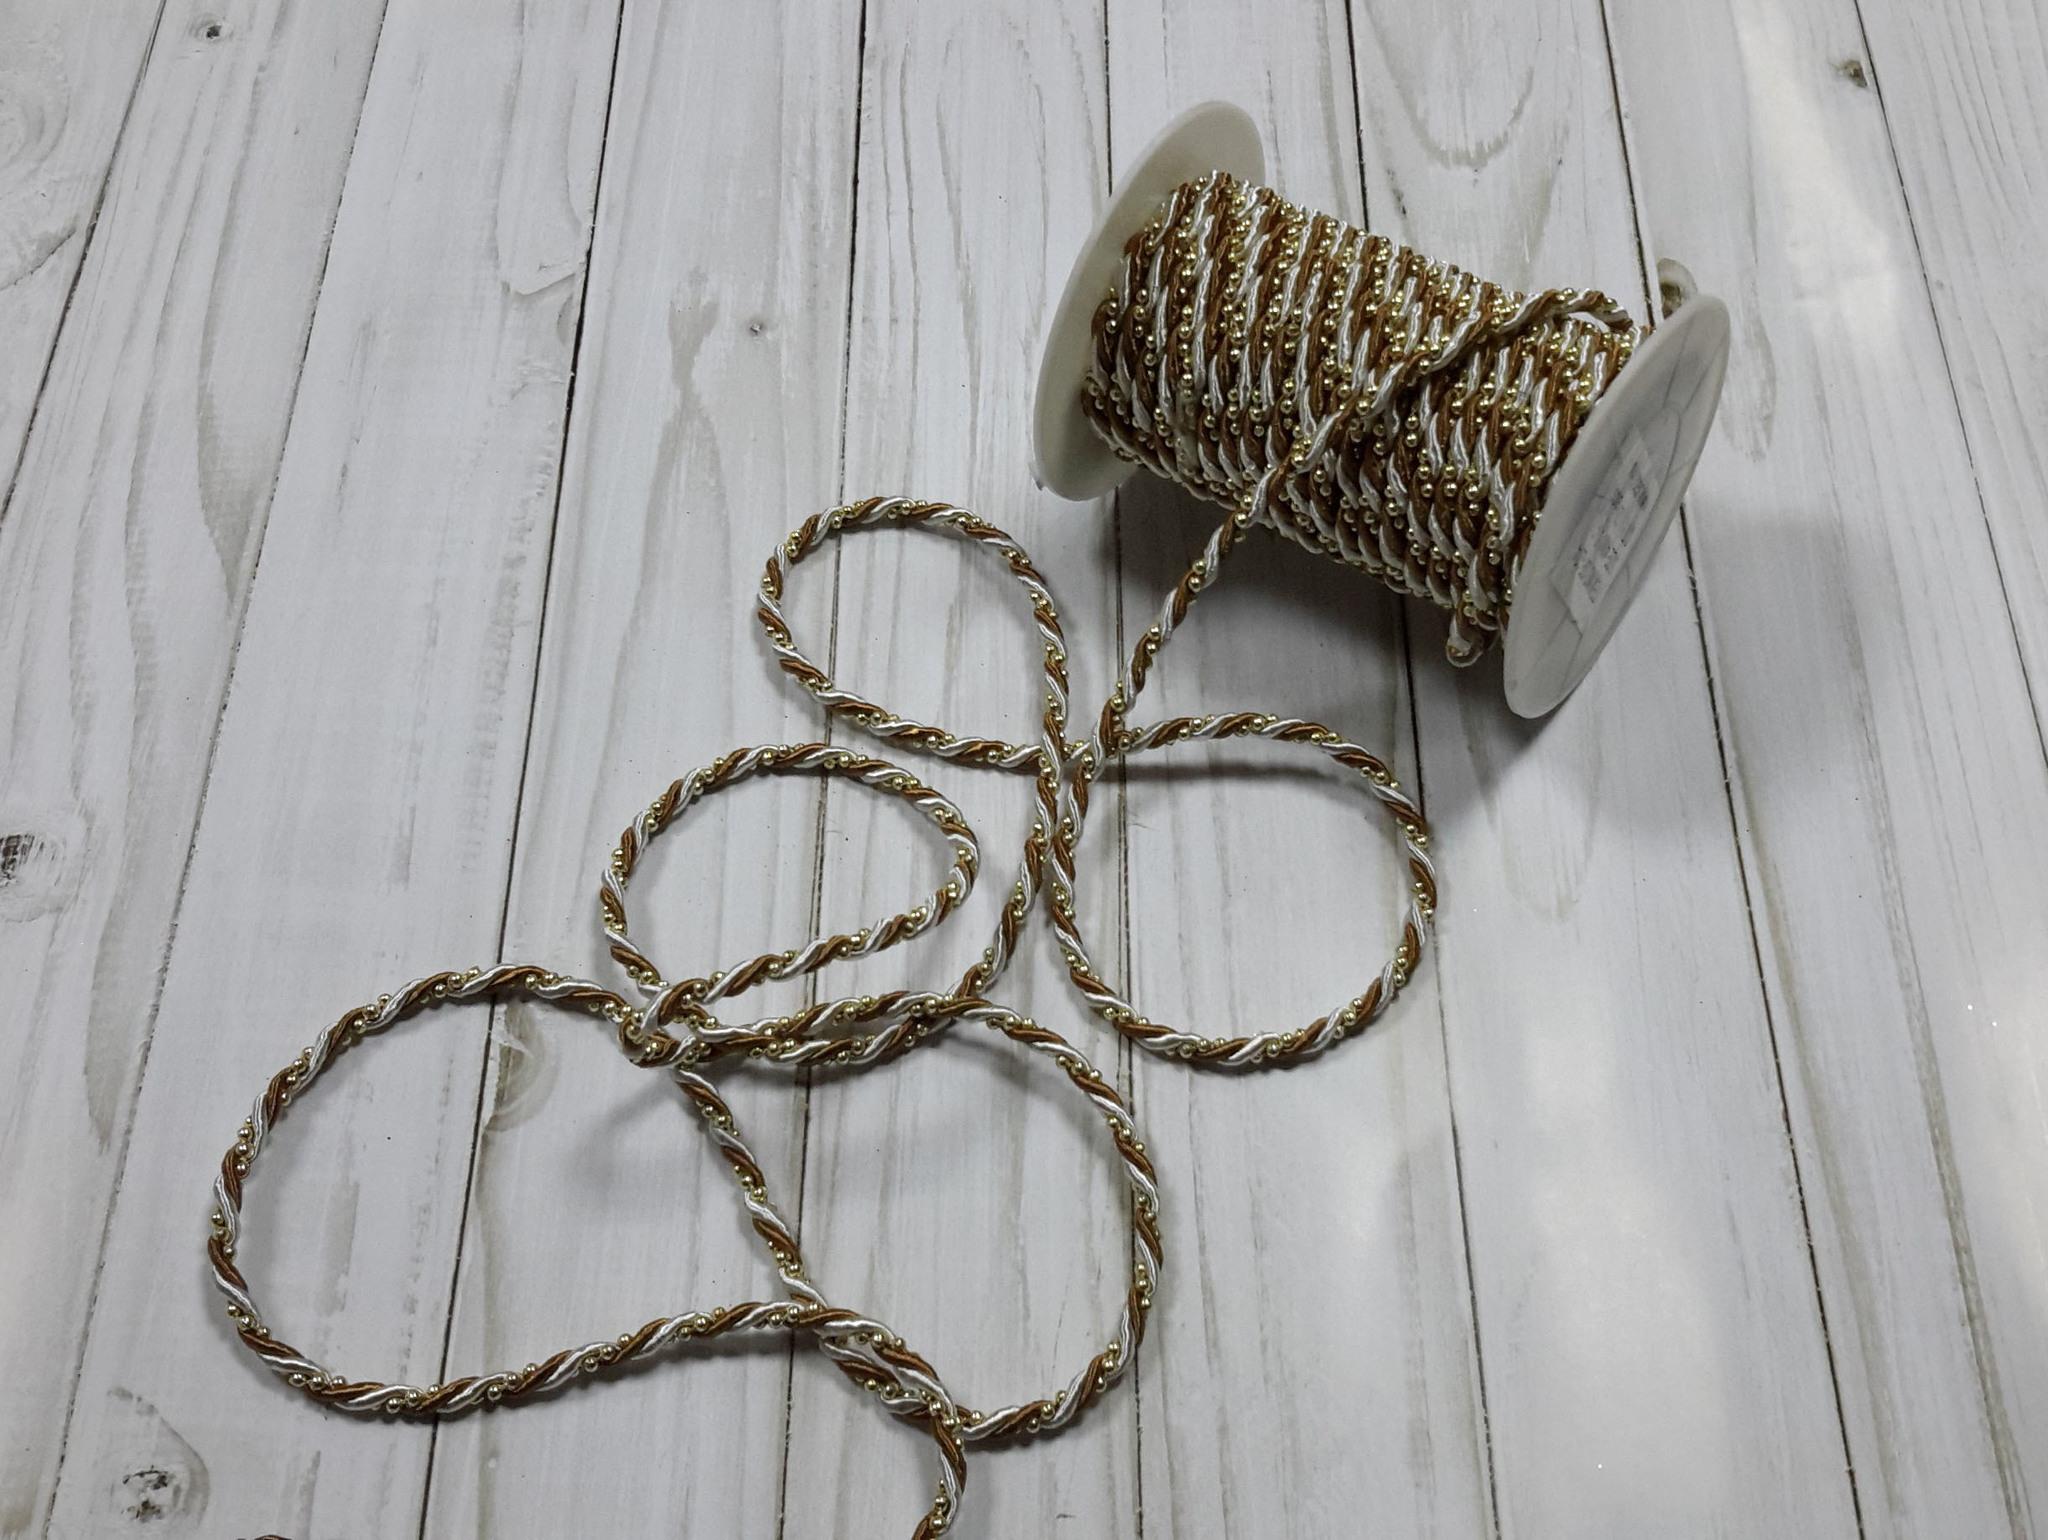 Шнур декоративный двухцветный с бусинками, 4 мм, 1 м.